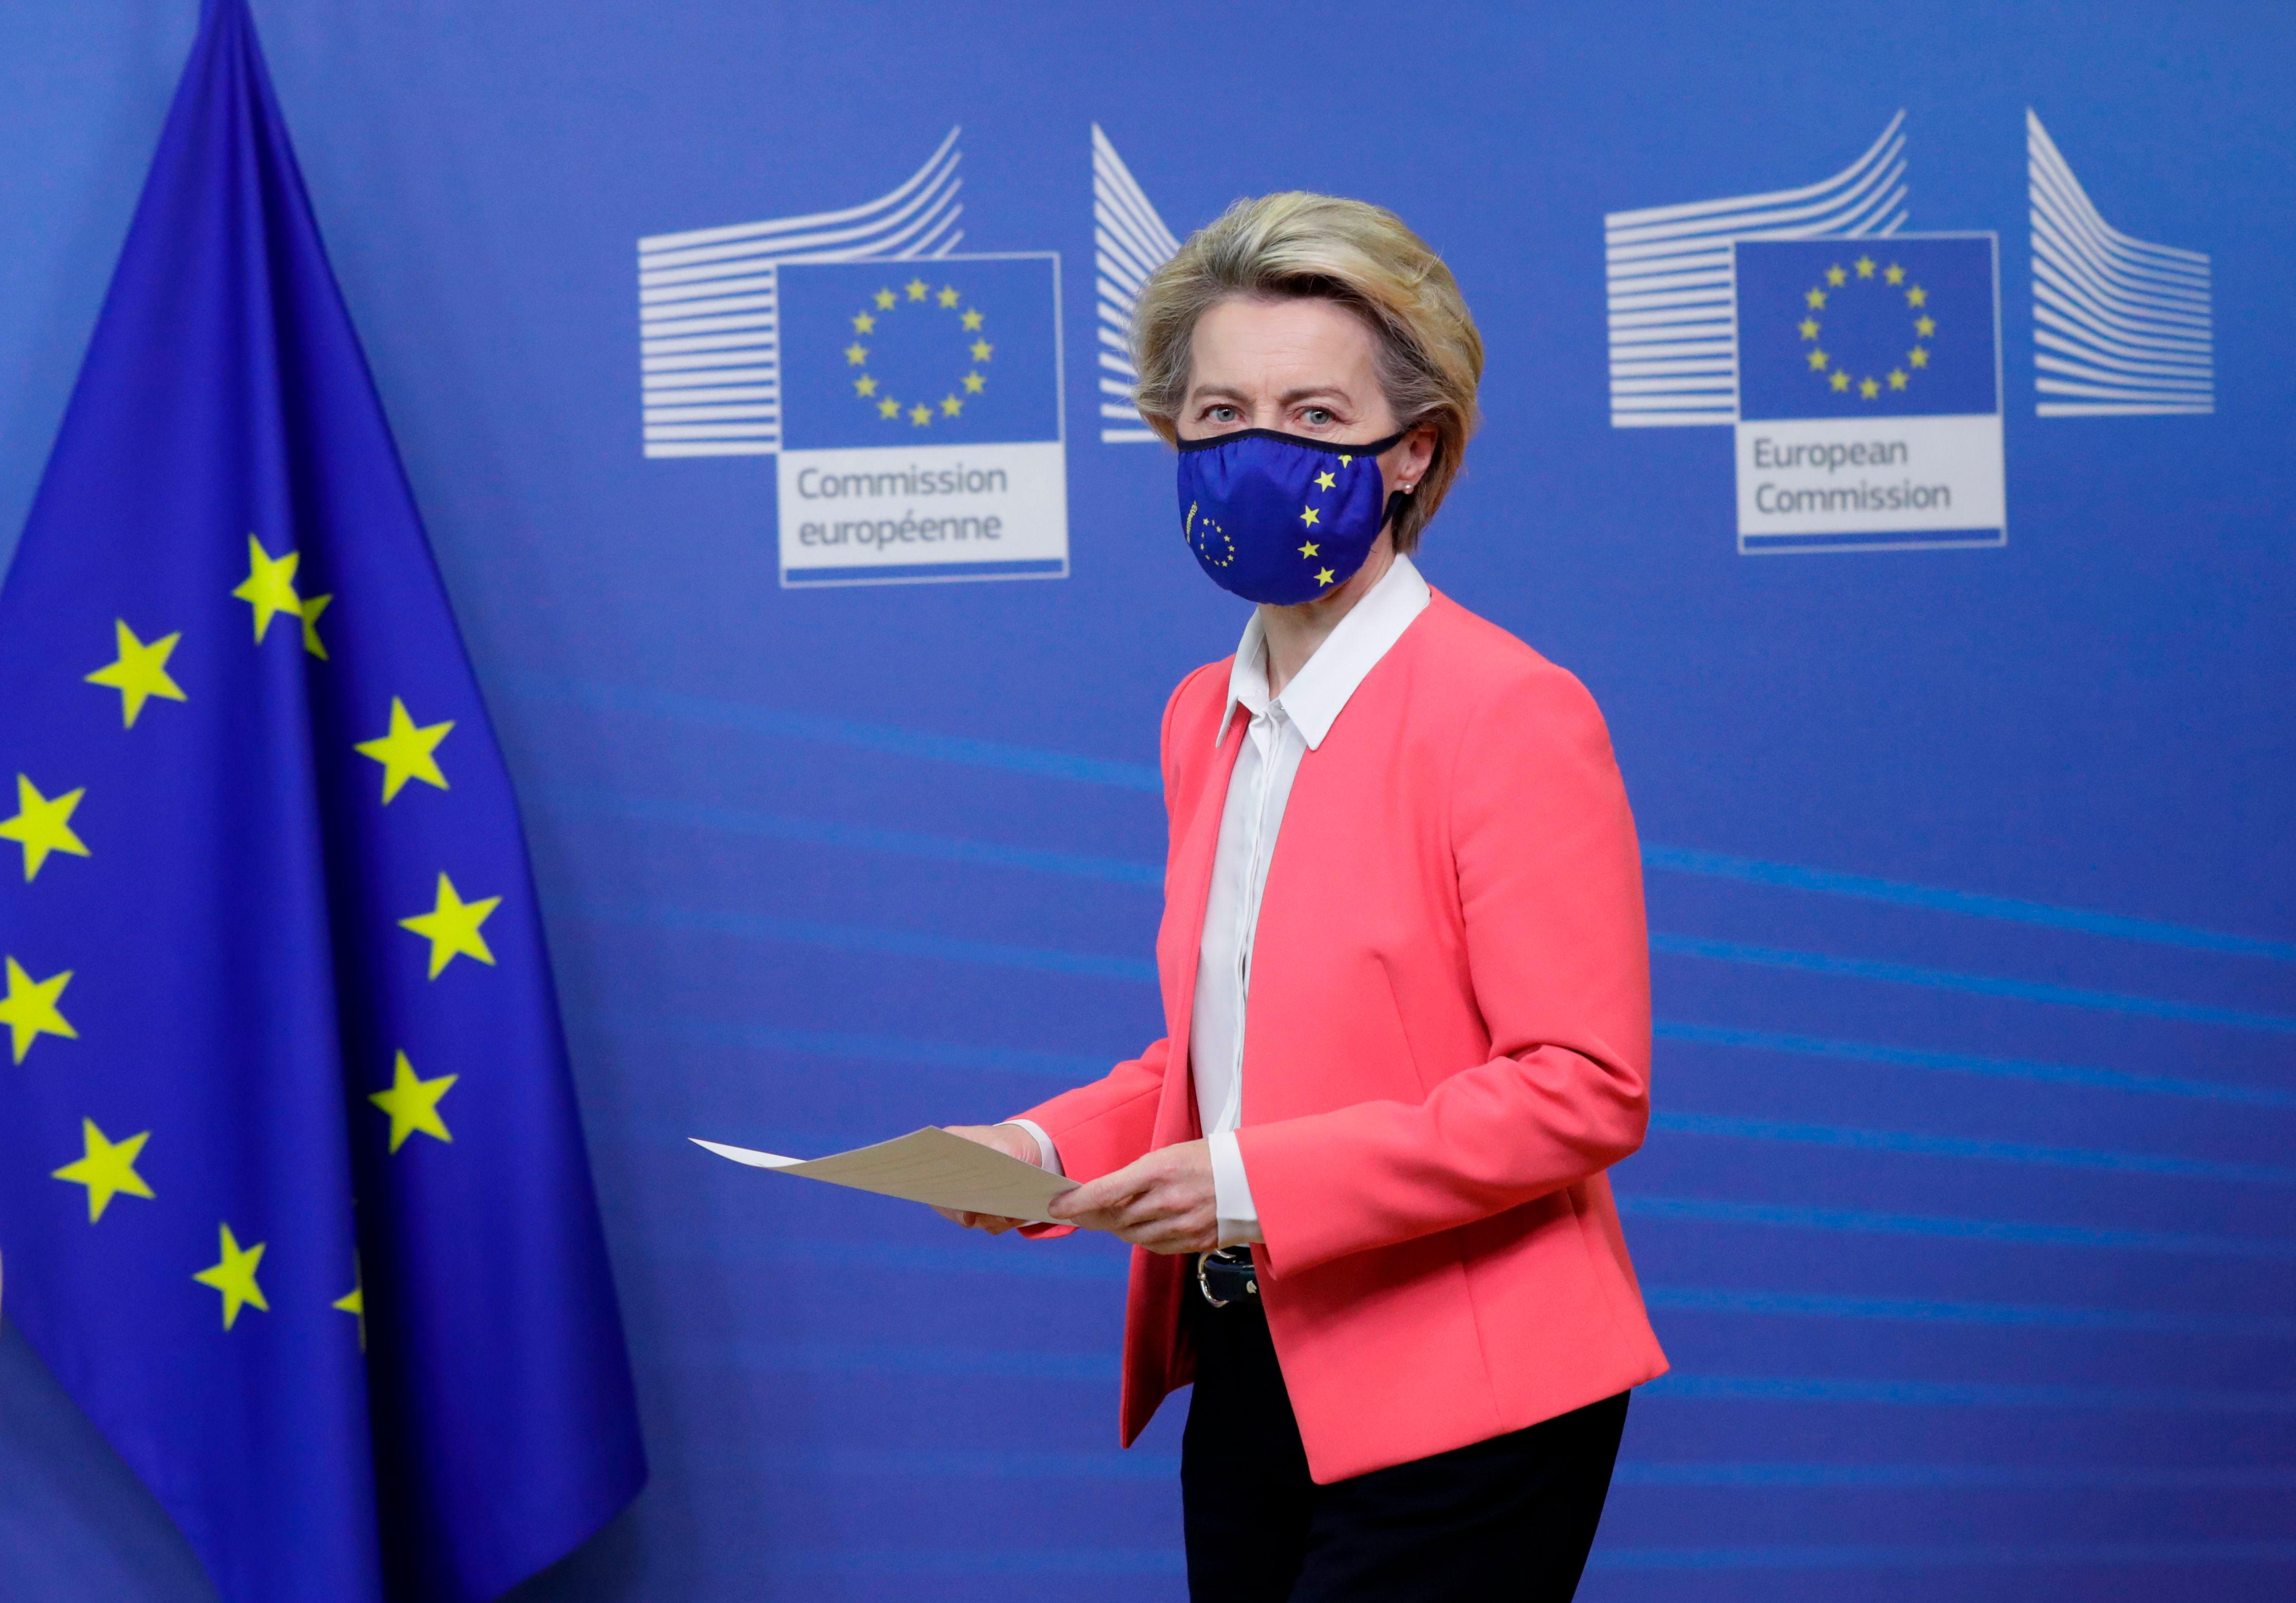 European Commission President Ursula von der Leyen arrives for a press statement in Brussels, Belgium, on December 13.